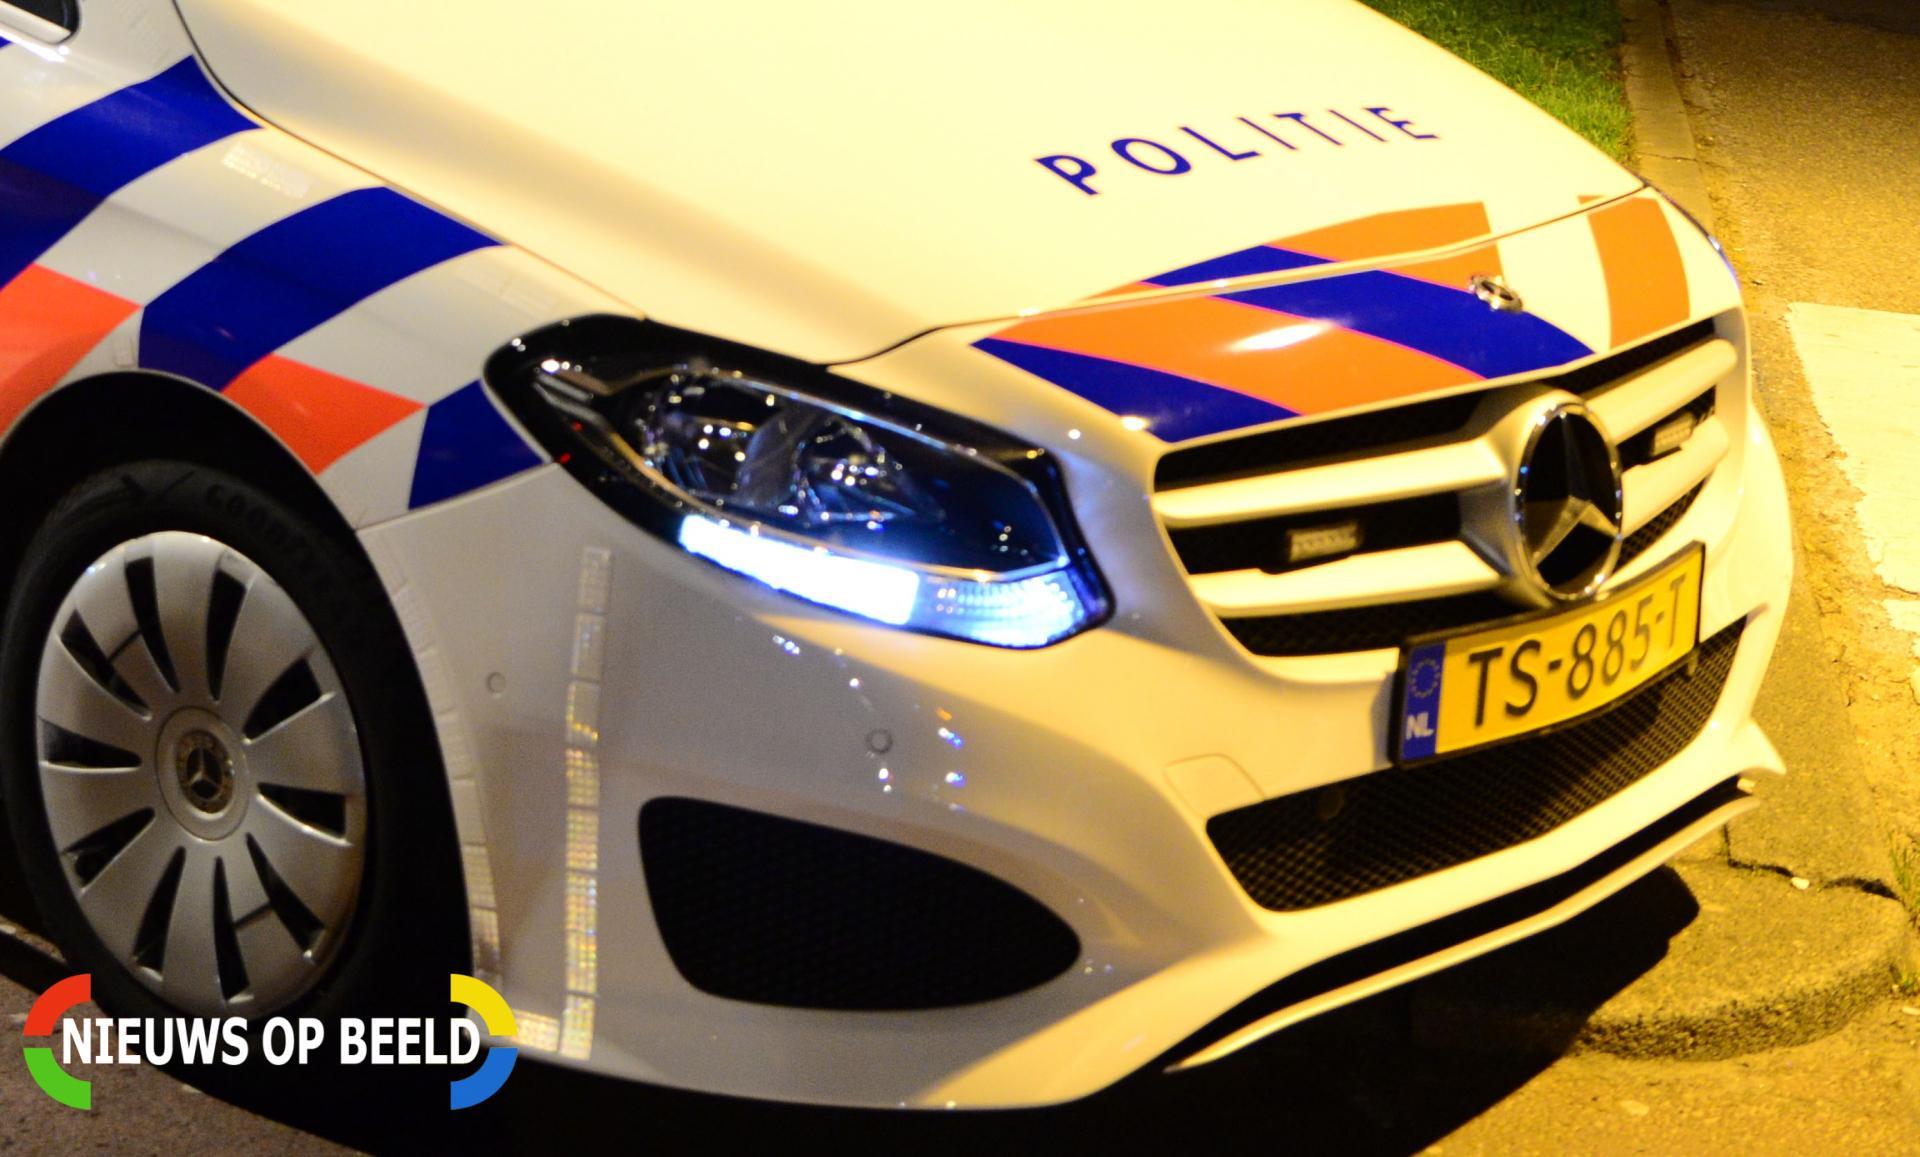 Mannen met automatisch vuurwapen aangehouden bij Feyenoord stadion Olympiaweg – S105 Rotterdam